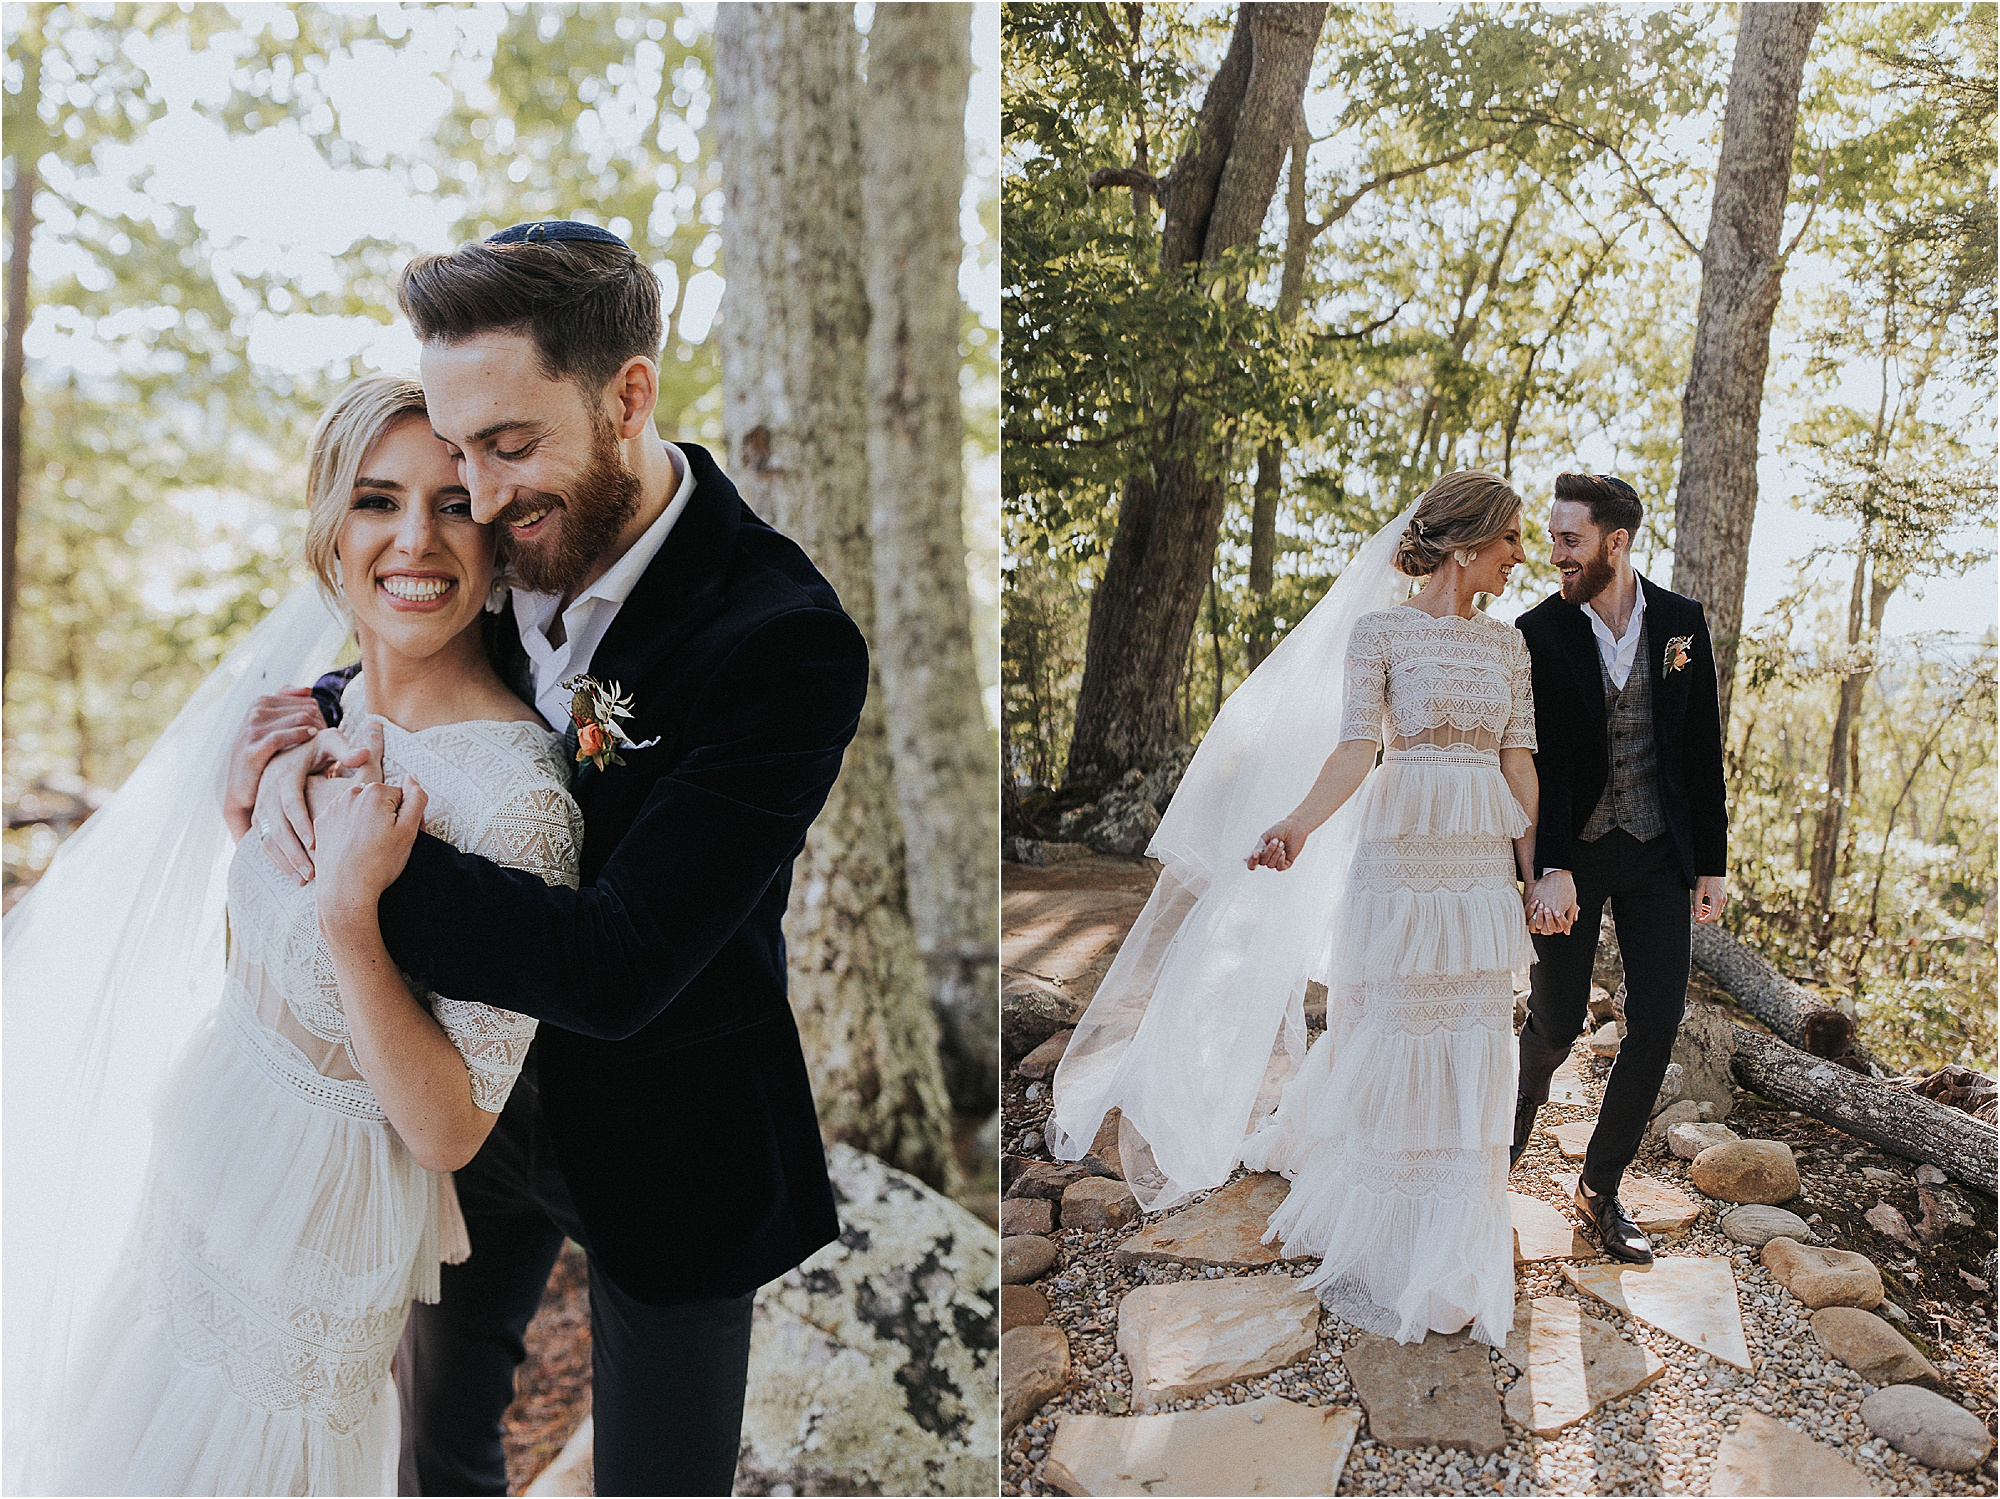 couple photos at golden hour at Jewish wedding